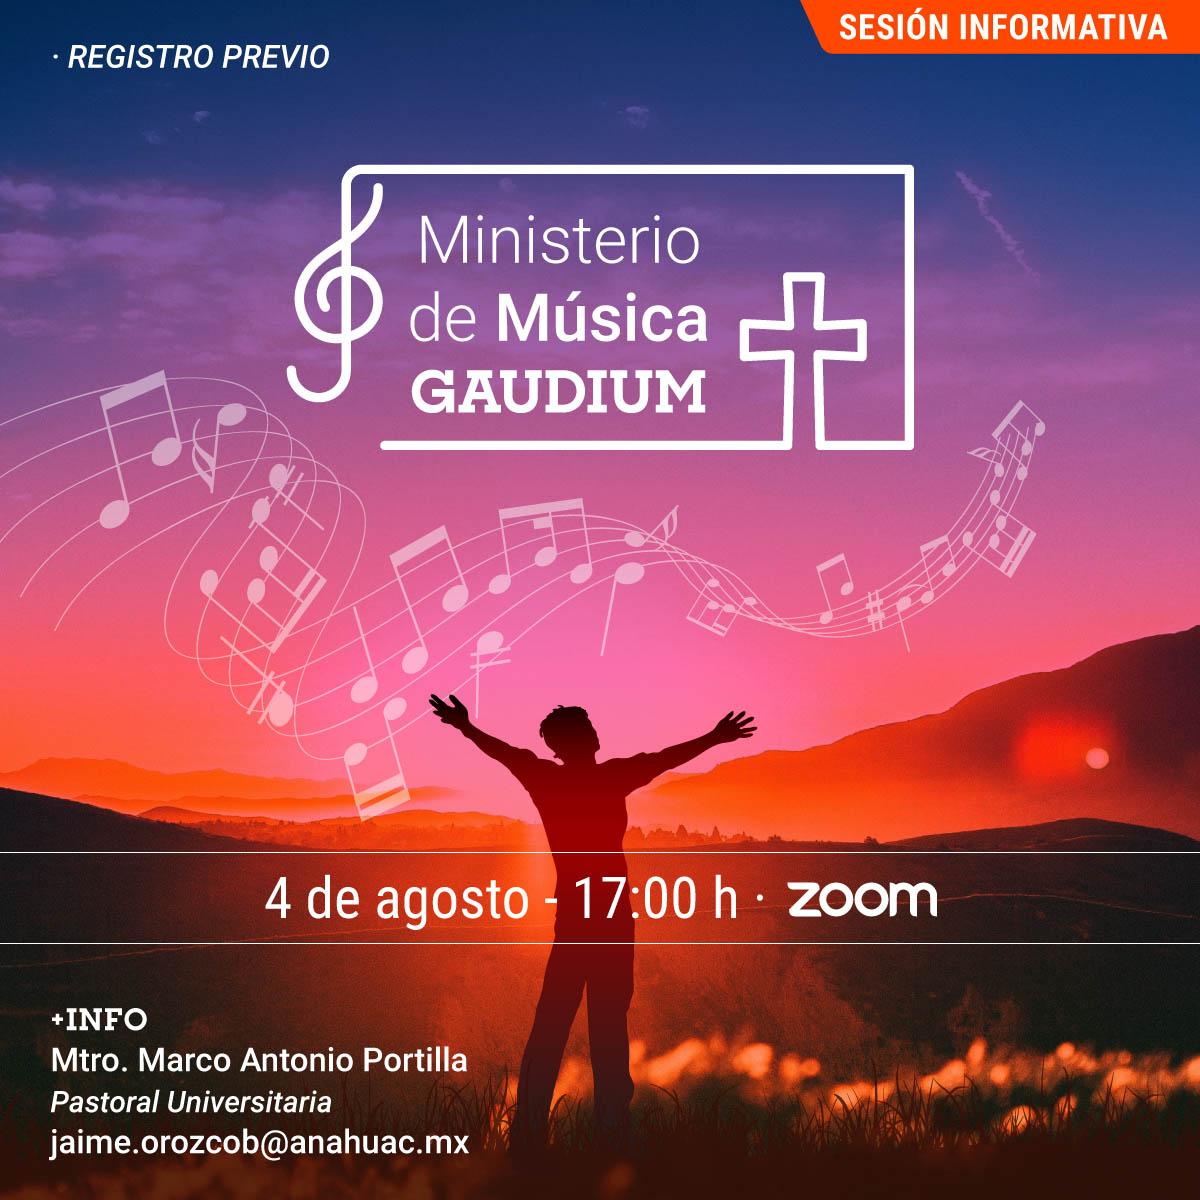 Ministerio de Música Gaudium